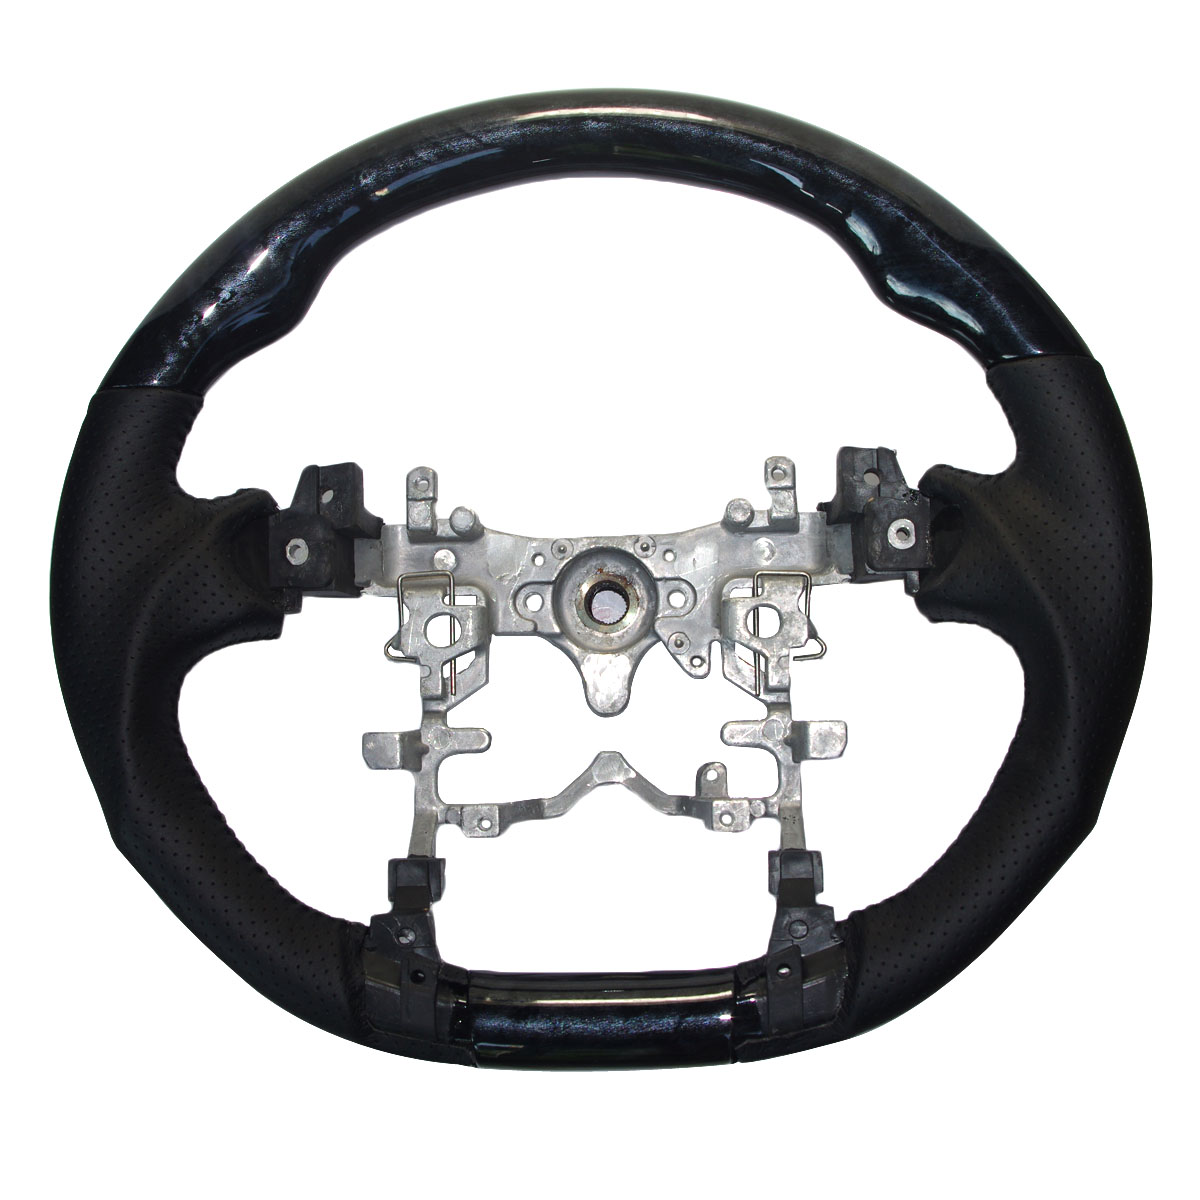 Черный кожаный деревянный спортивный руль для 2010 2015 Toyota PRIUS Hybrid ZVW30 35 40 41 2012 2014 Prius C Aqua V|Рулевые колеса и клаксоны|   | АлиЭкспресс